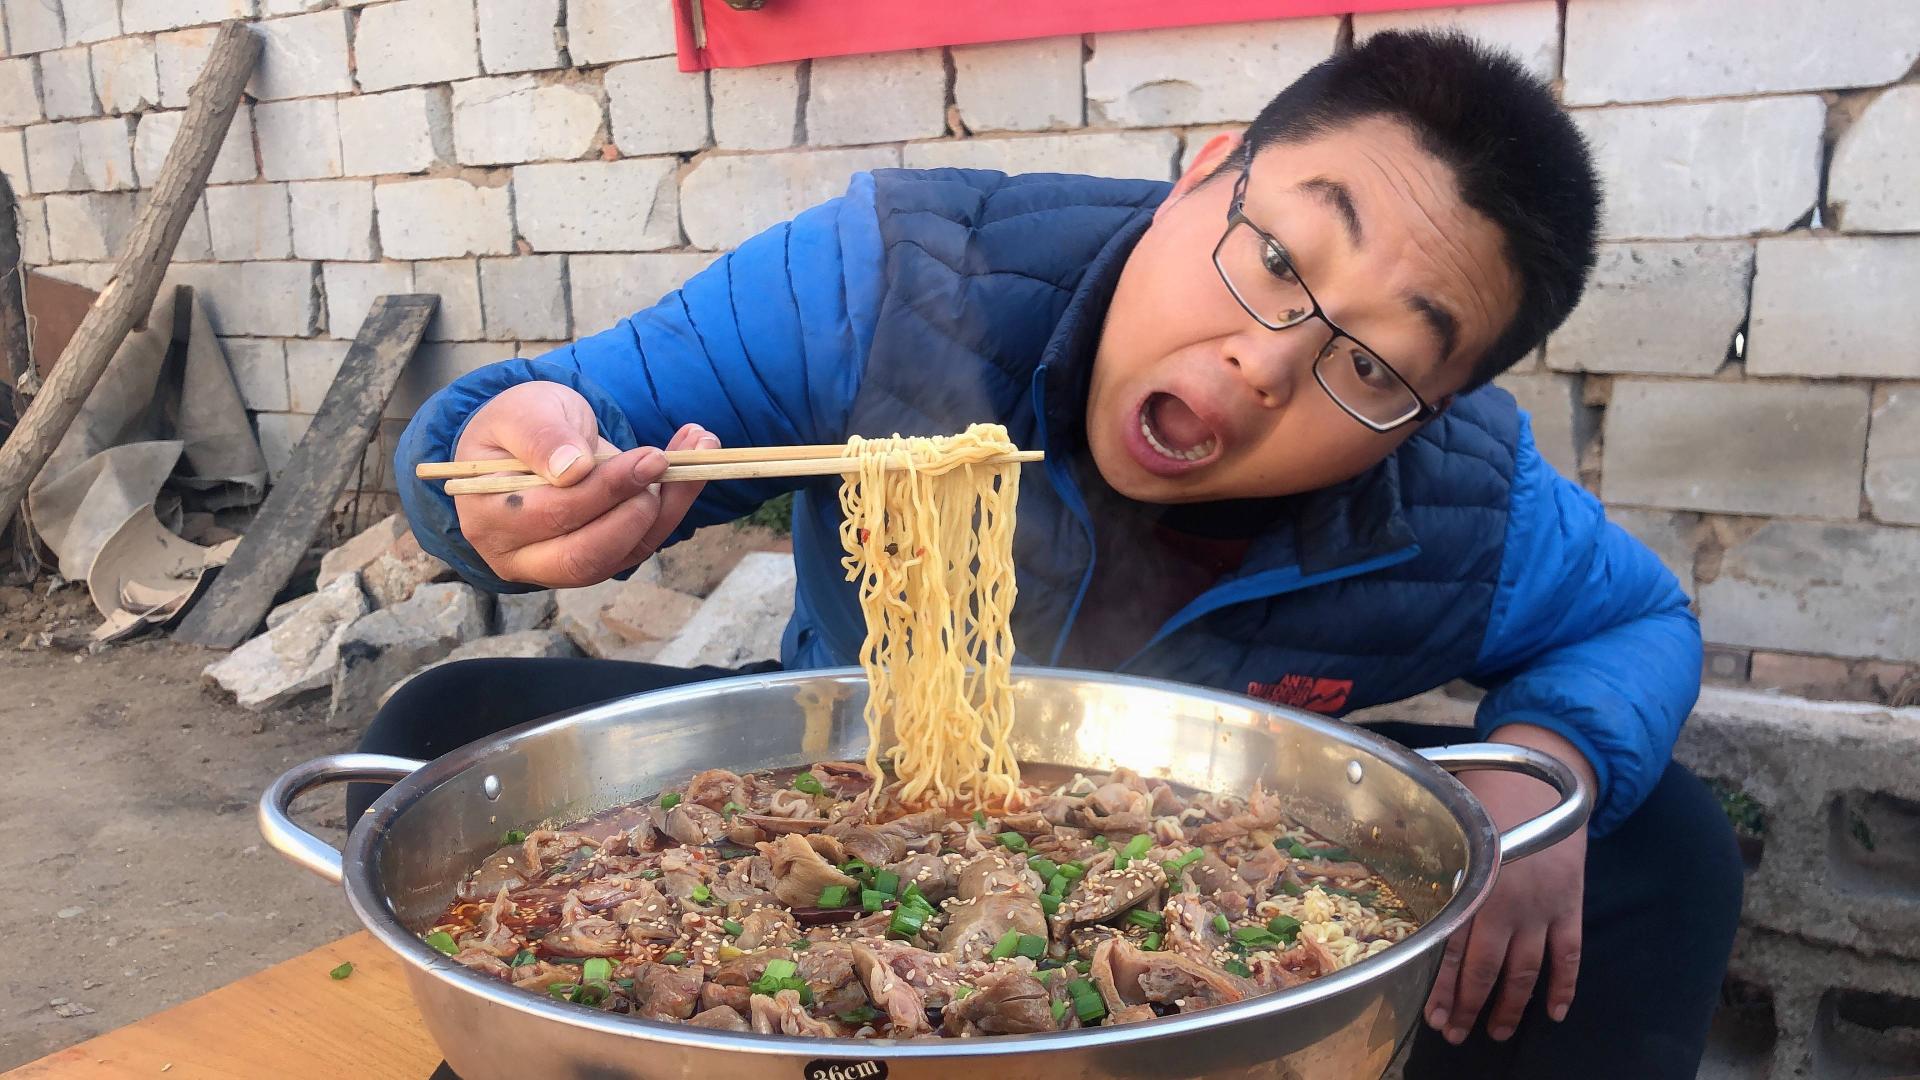 80元肥肠,5包泡面,做一盆火锅面,满满红油,吃的直冒汗!